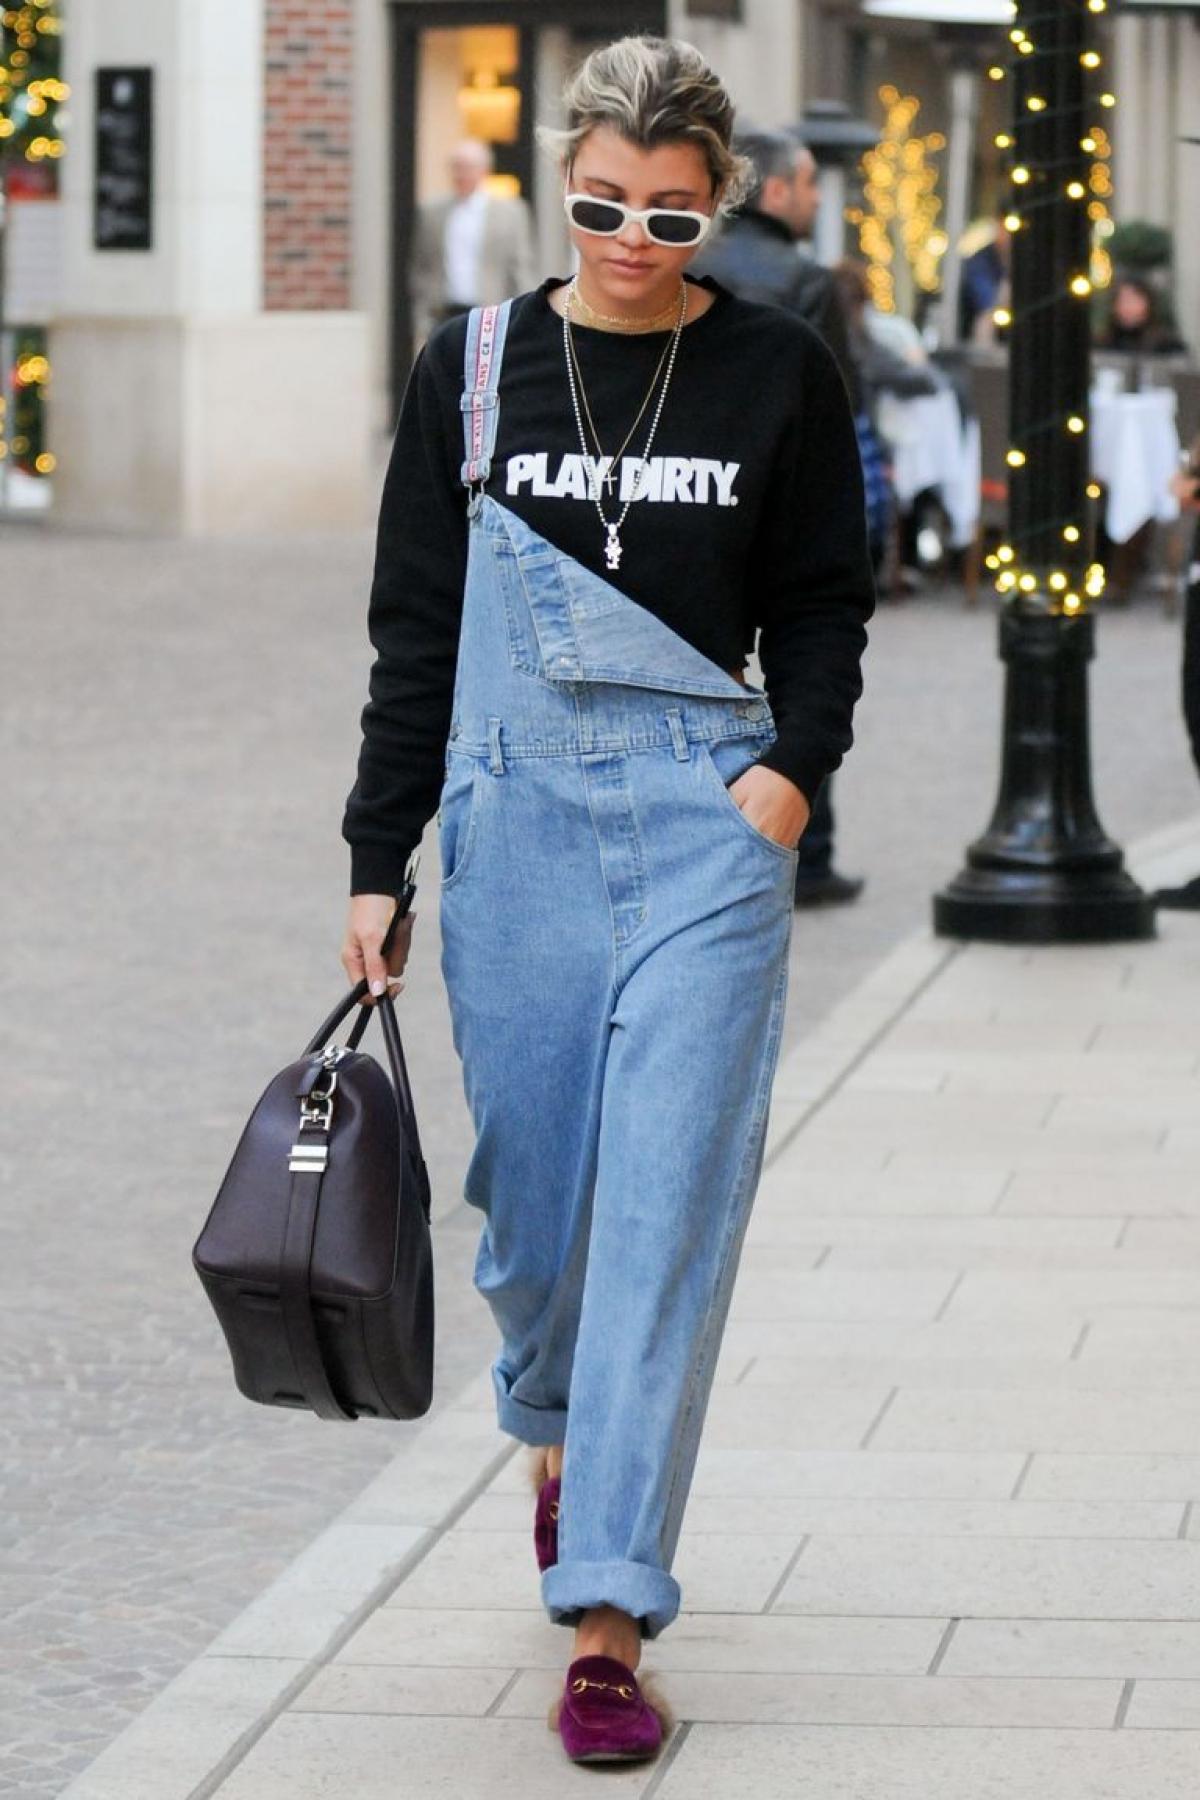 Quần yếm:Thiết kế này từng khiến giới thời trang phát sốt khi Mary Kate và Ashley Olsen diện trên TV. Và ngày nay cũng vậy, các nhà thiết kế đã tạo ra phiên bản hiện đại hơn, ấn tượng hơn như chiếc quần oversize của Sofia Richie diện dạo phố.